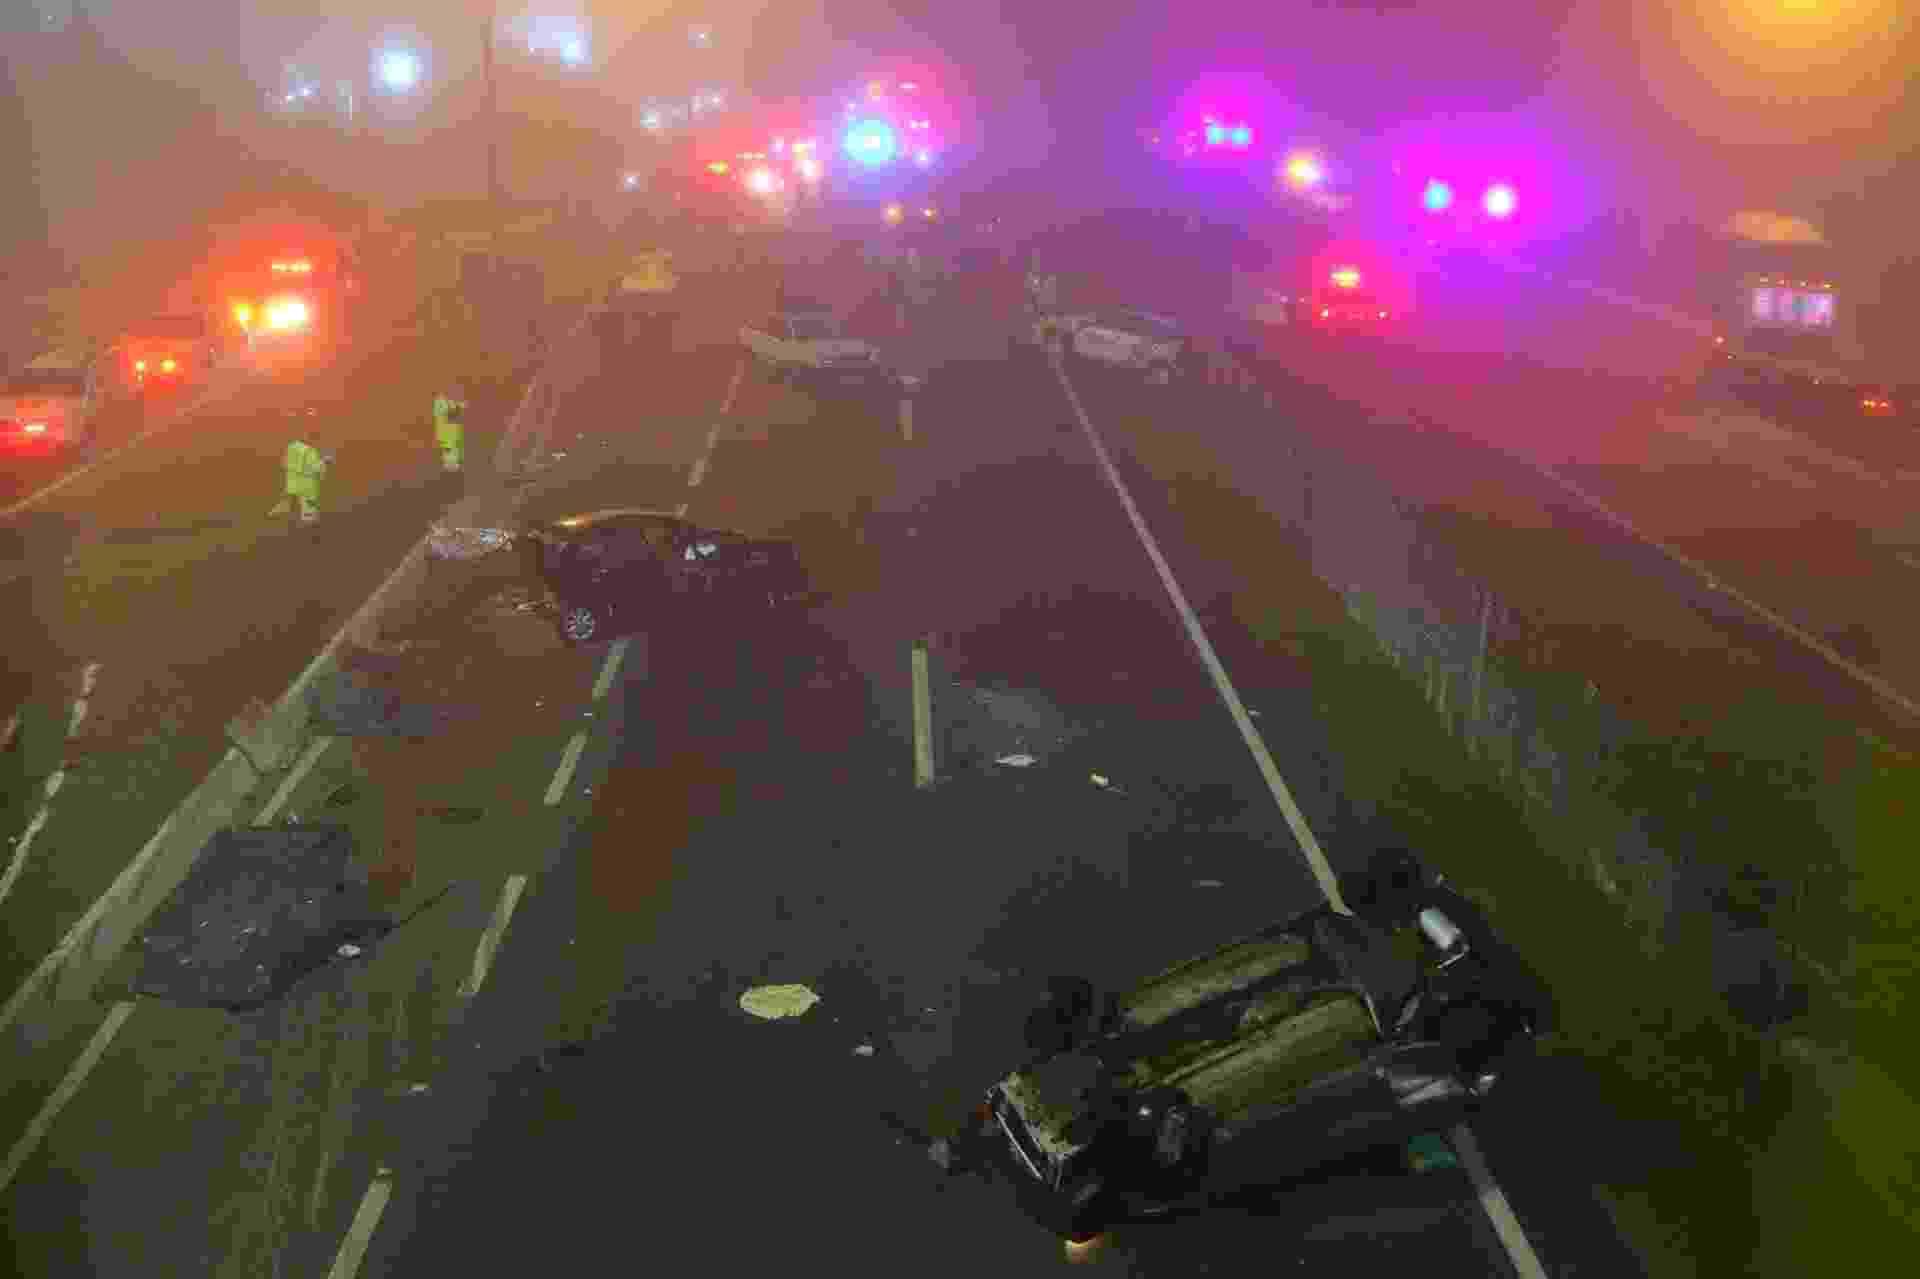 03.ago.2020 - Um acidente com mais de 20 veículos deixou ao menos 8 mortos e dezenas de feridos na BR-277, em São José dos Pinhais (PR), na noite de domingo(2). Segundo os bombeiros, os motoristas teriam sido prejudicados pela fumaça de uma queimada na beira da pista - FRANKLIN FREITAS/ESTADÃO CONTEÚDO